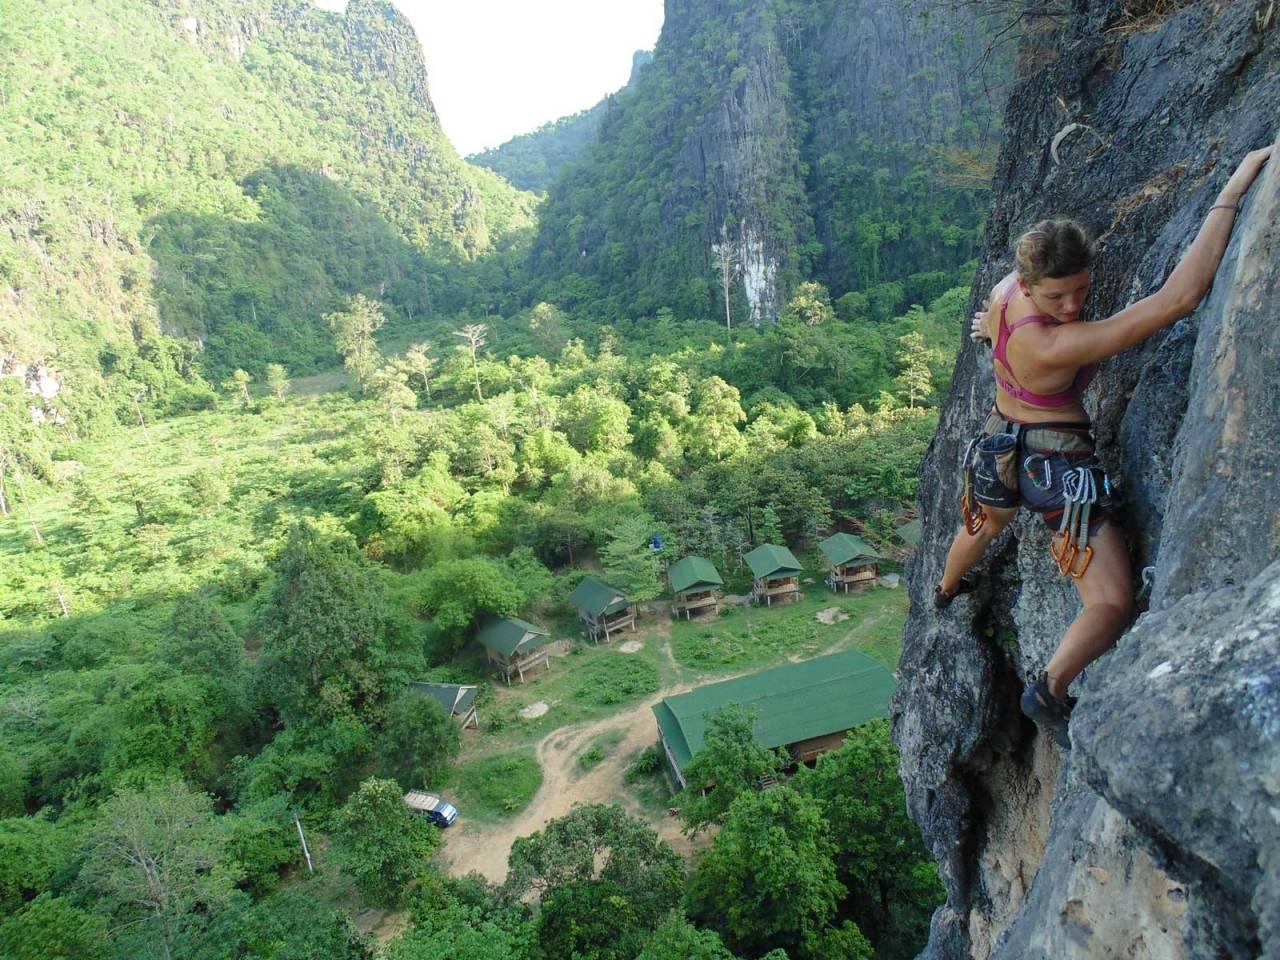 HØYT: Fia Weis klatrer høyt på den 28 me-ter lange Sackflattern (6a) med utsikt over dalen og Camp 1. Foto: Uli Weidner